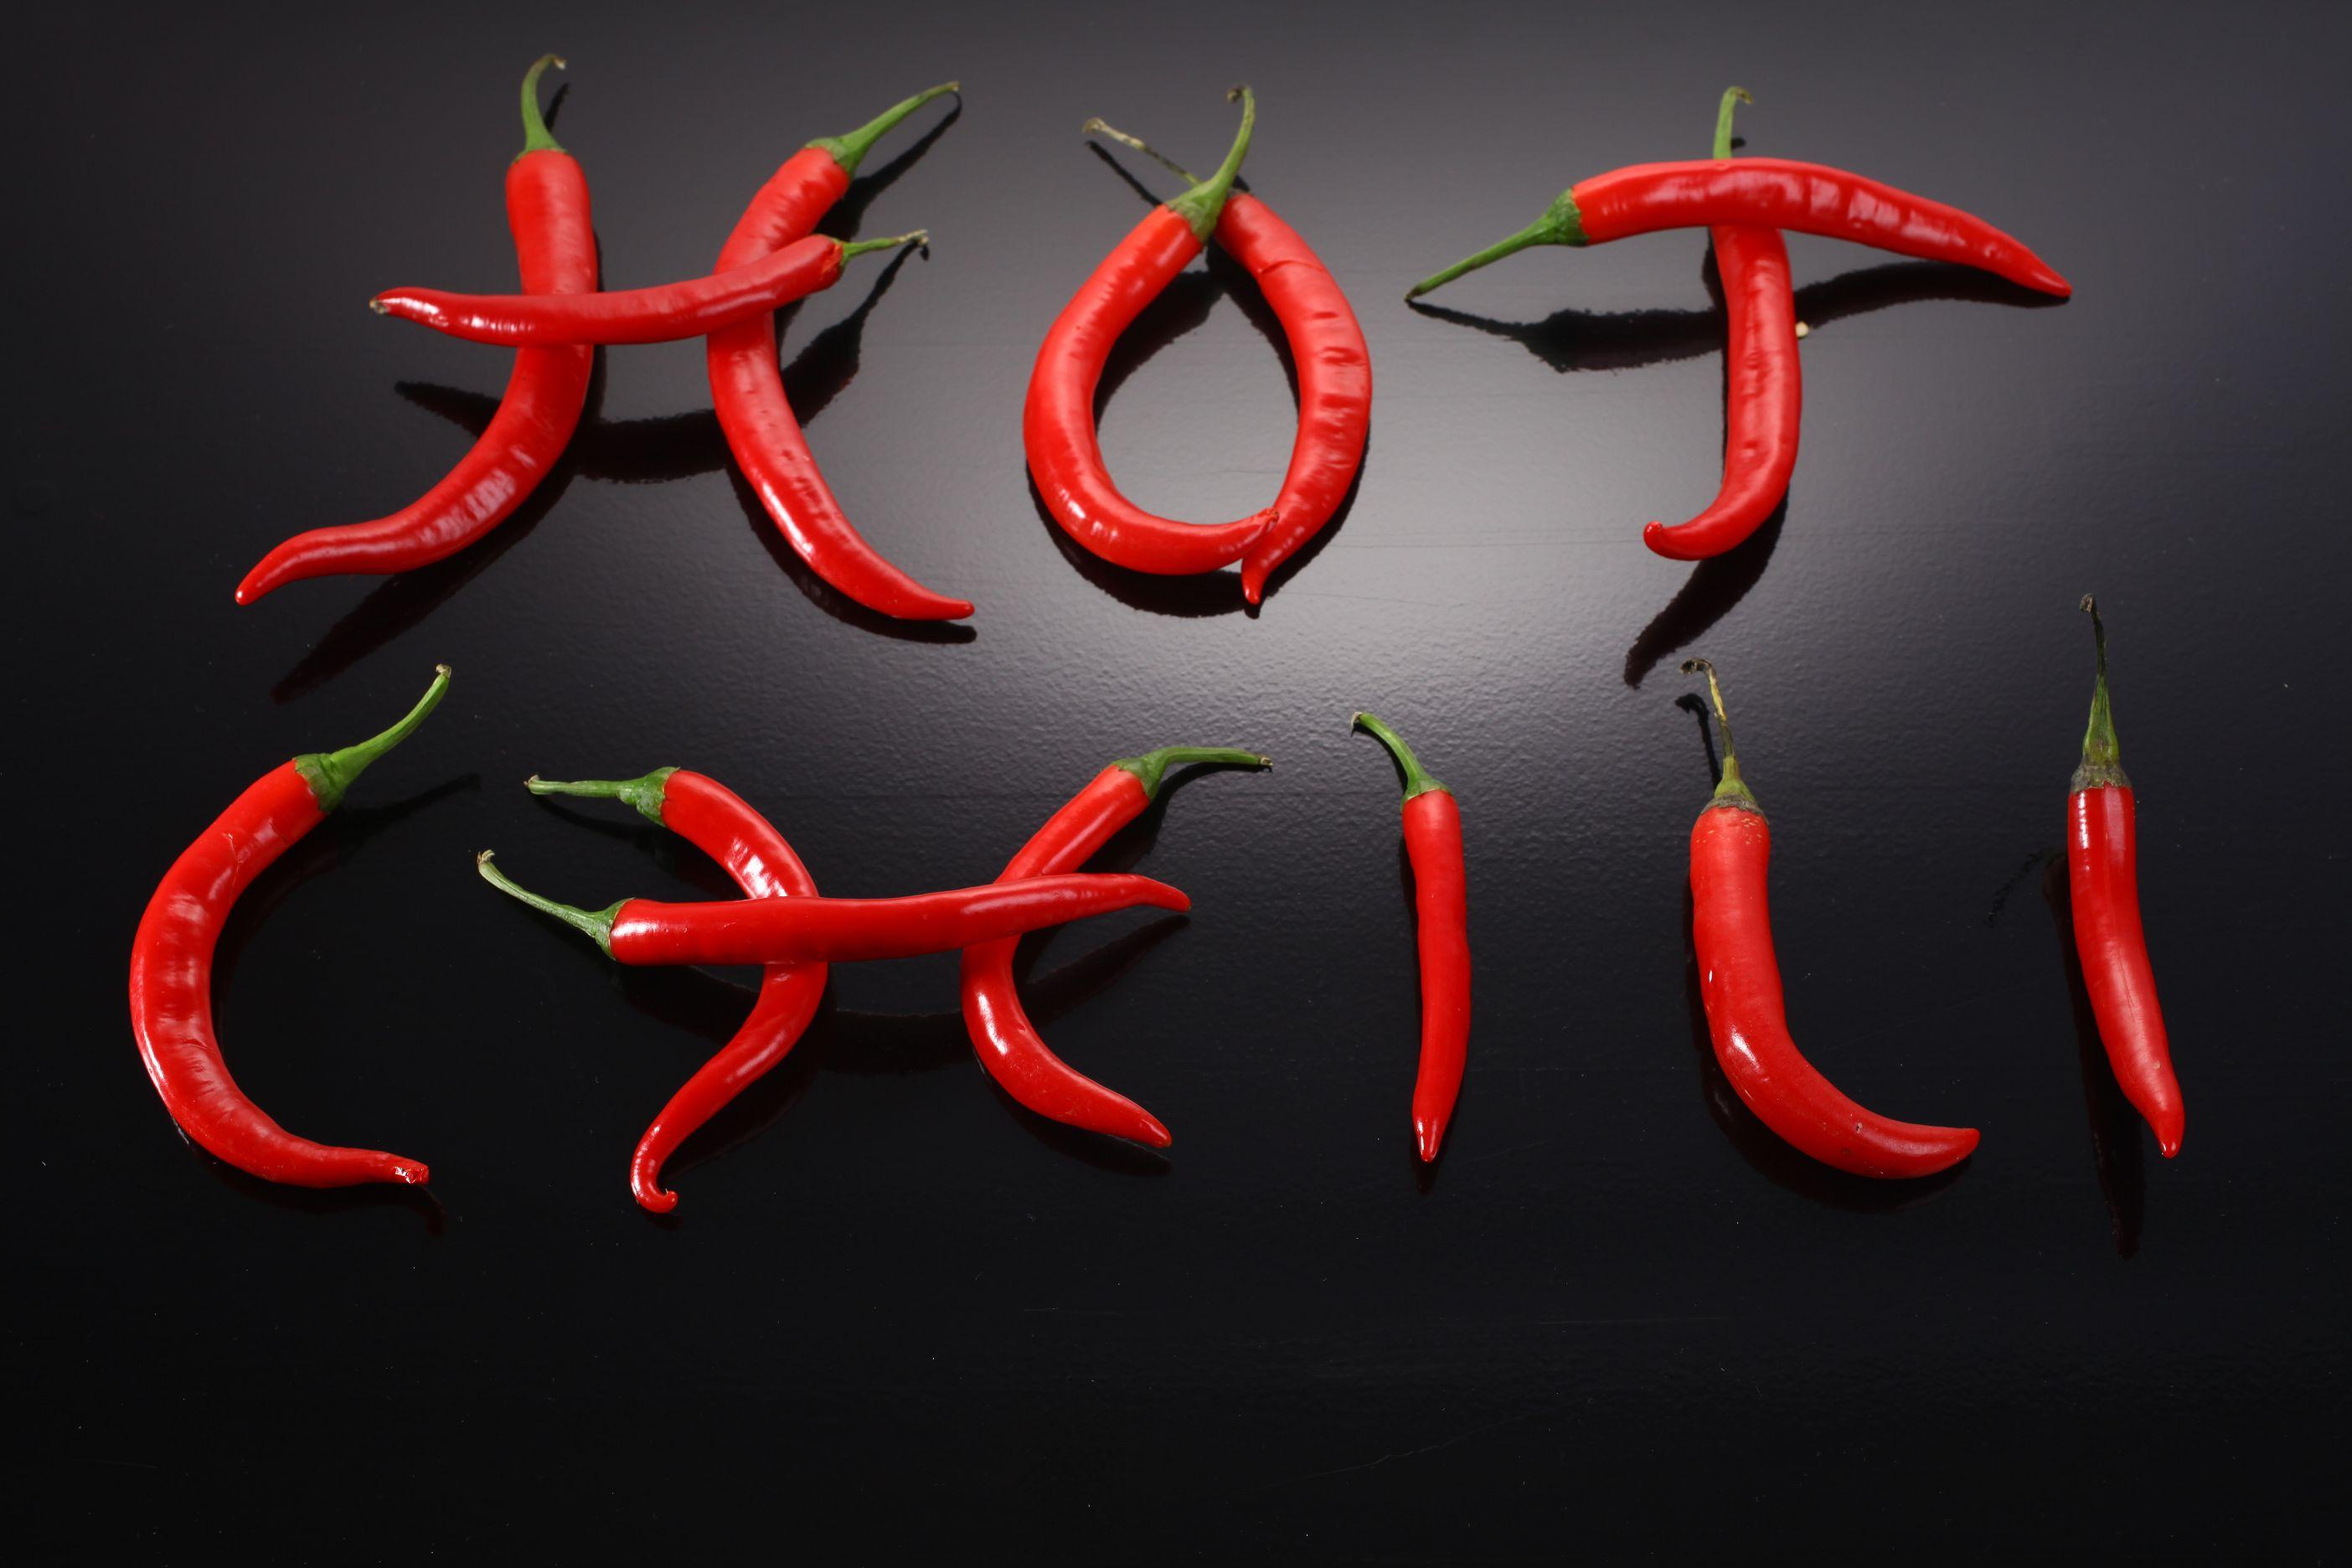 Food Fotografie Richter - Produkt 12